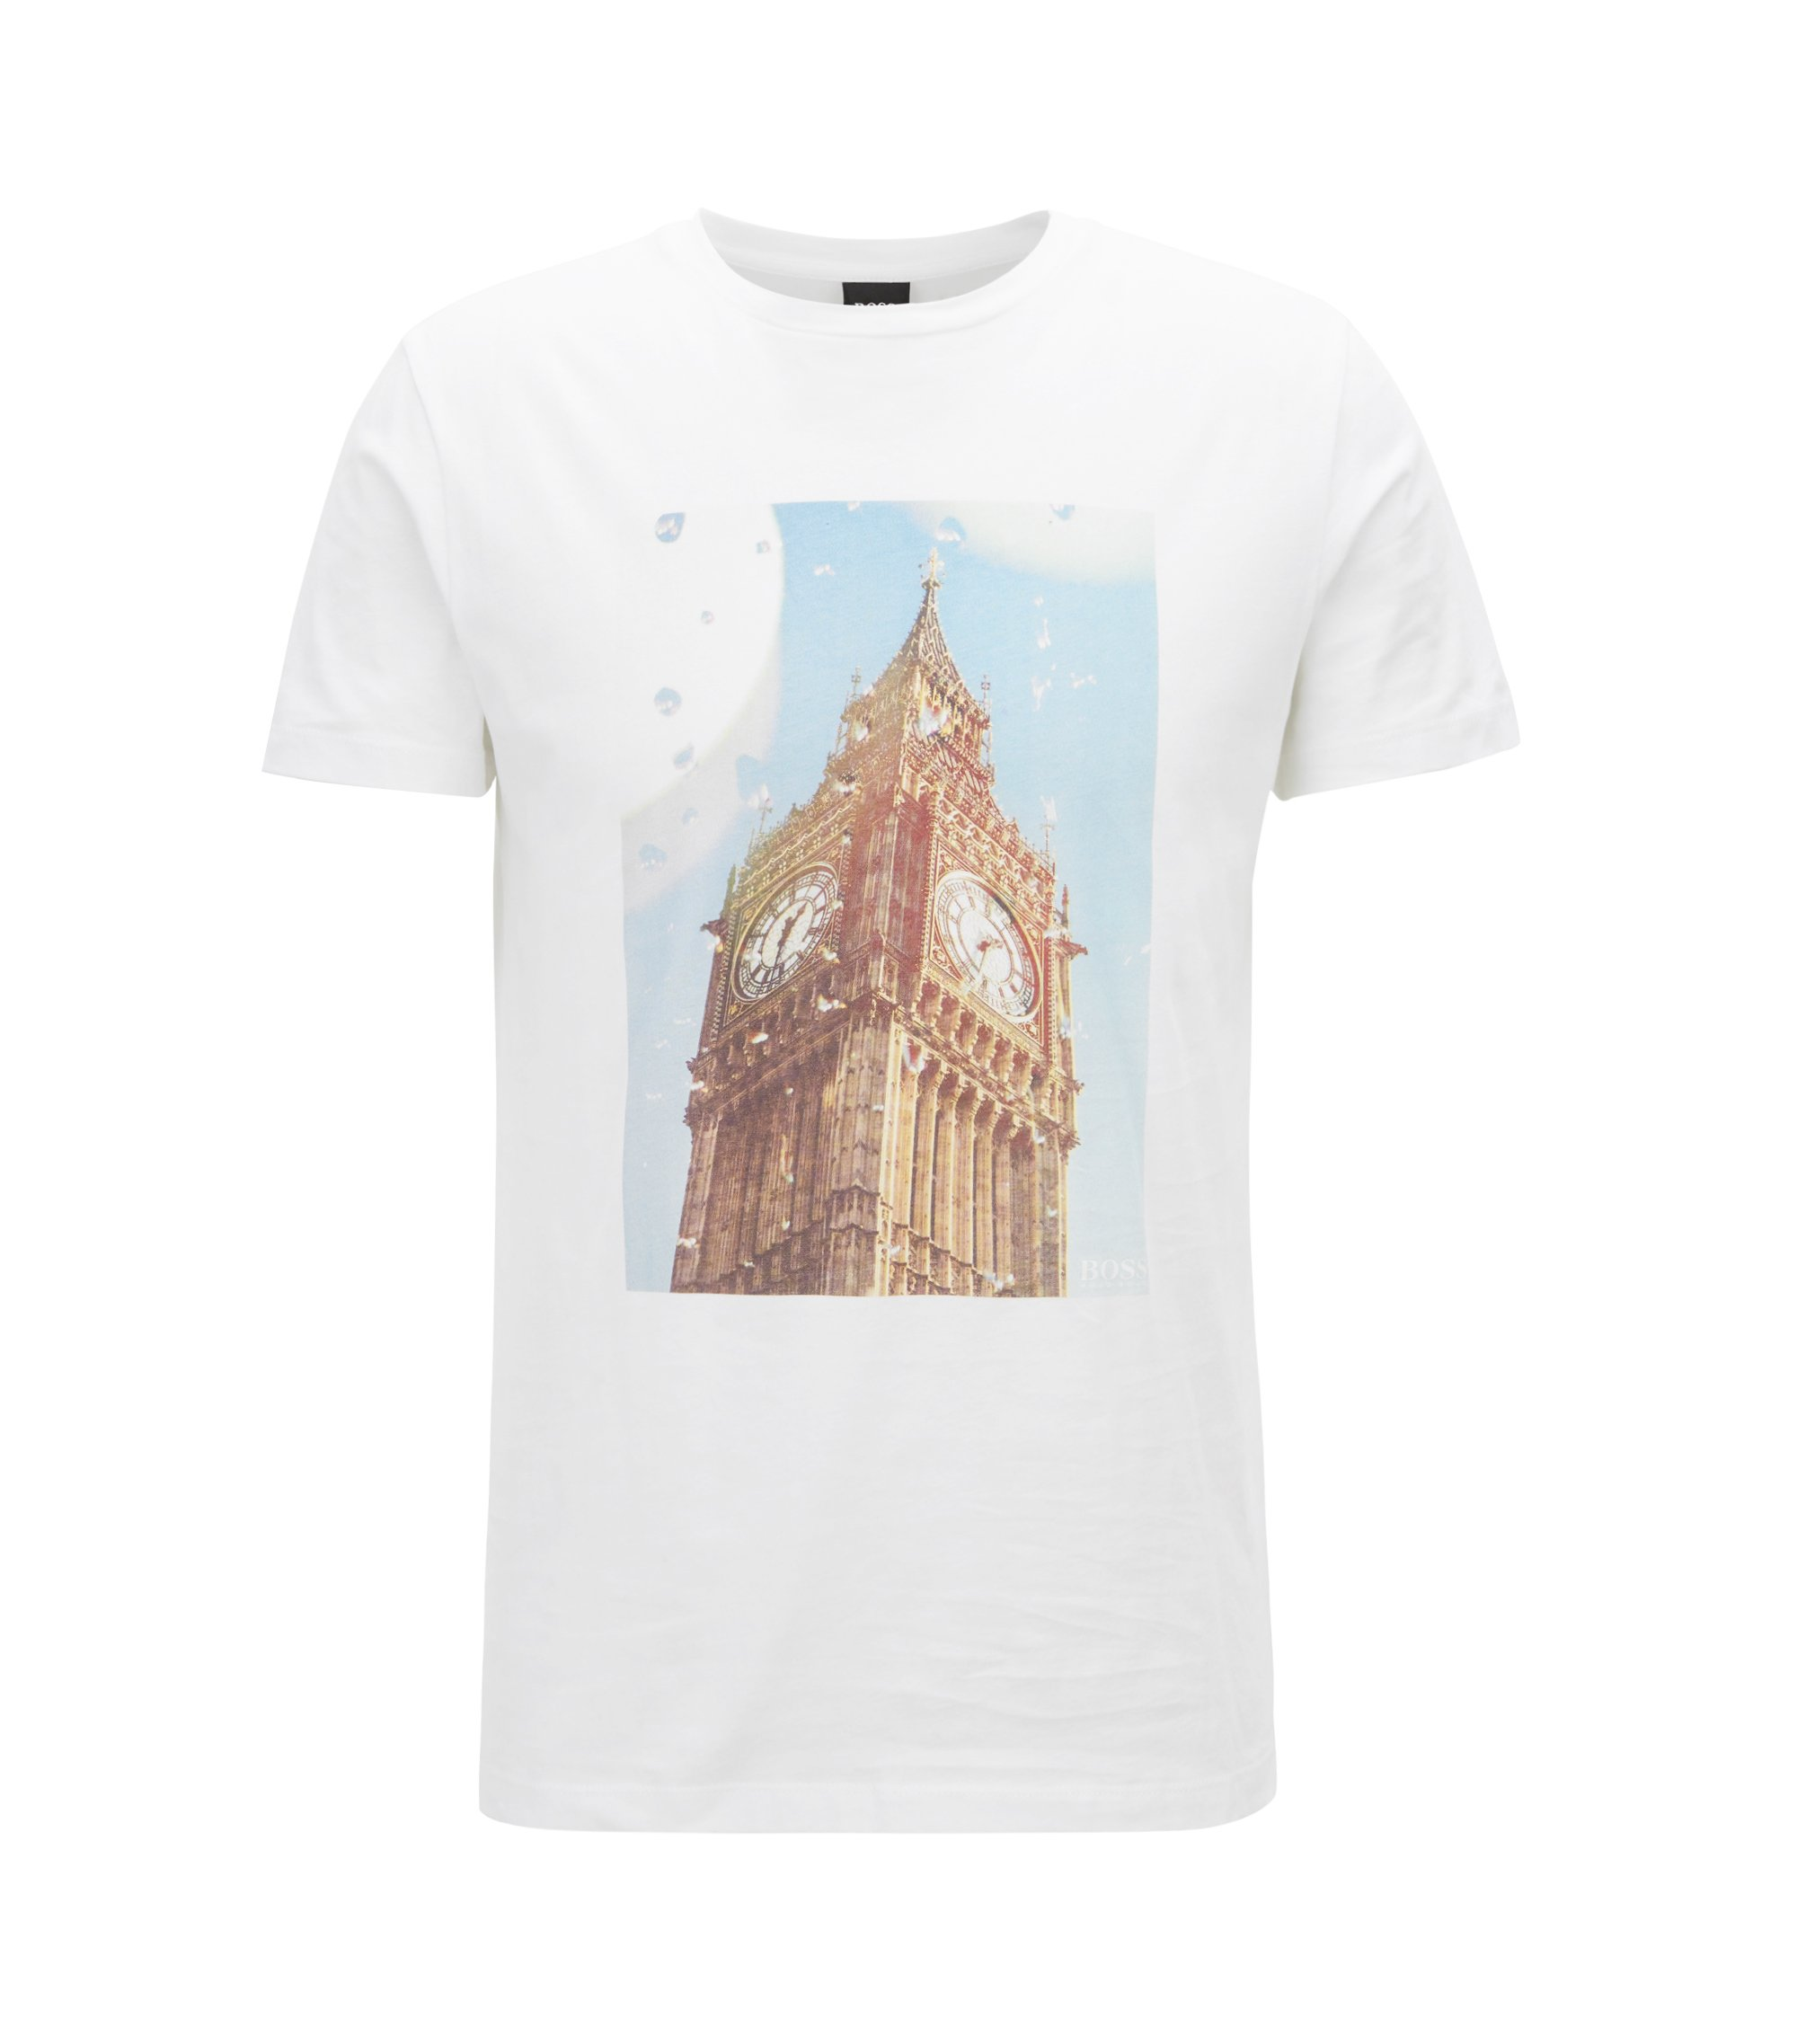 Camiseta de algodón lavado con la imagen del Big Ben estampada, Blanco